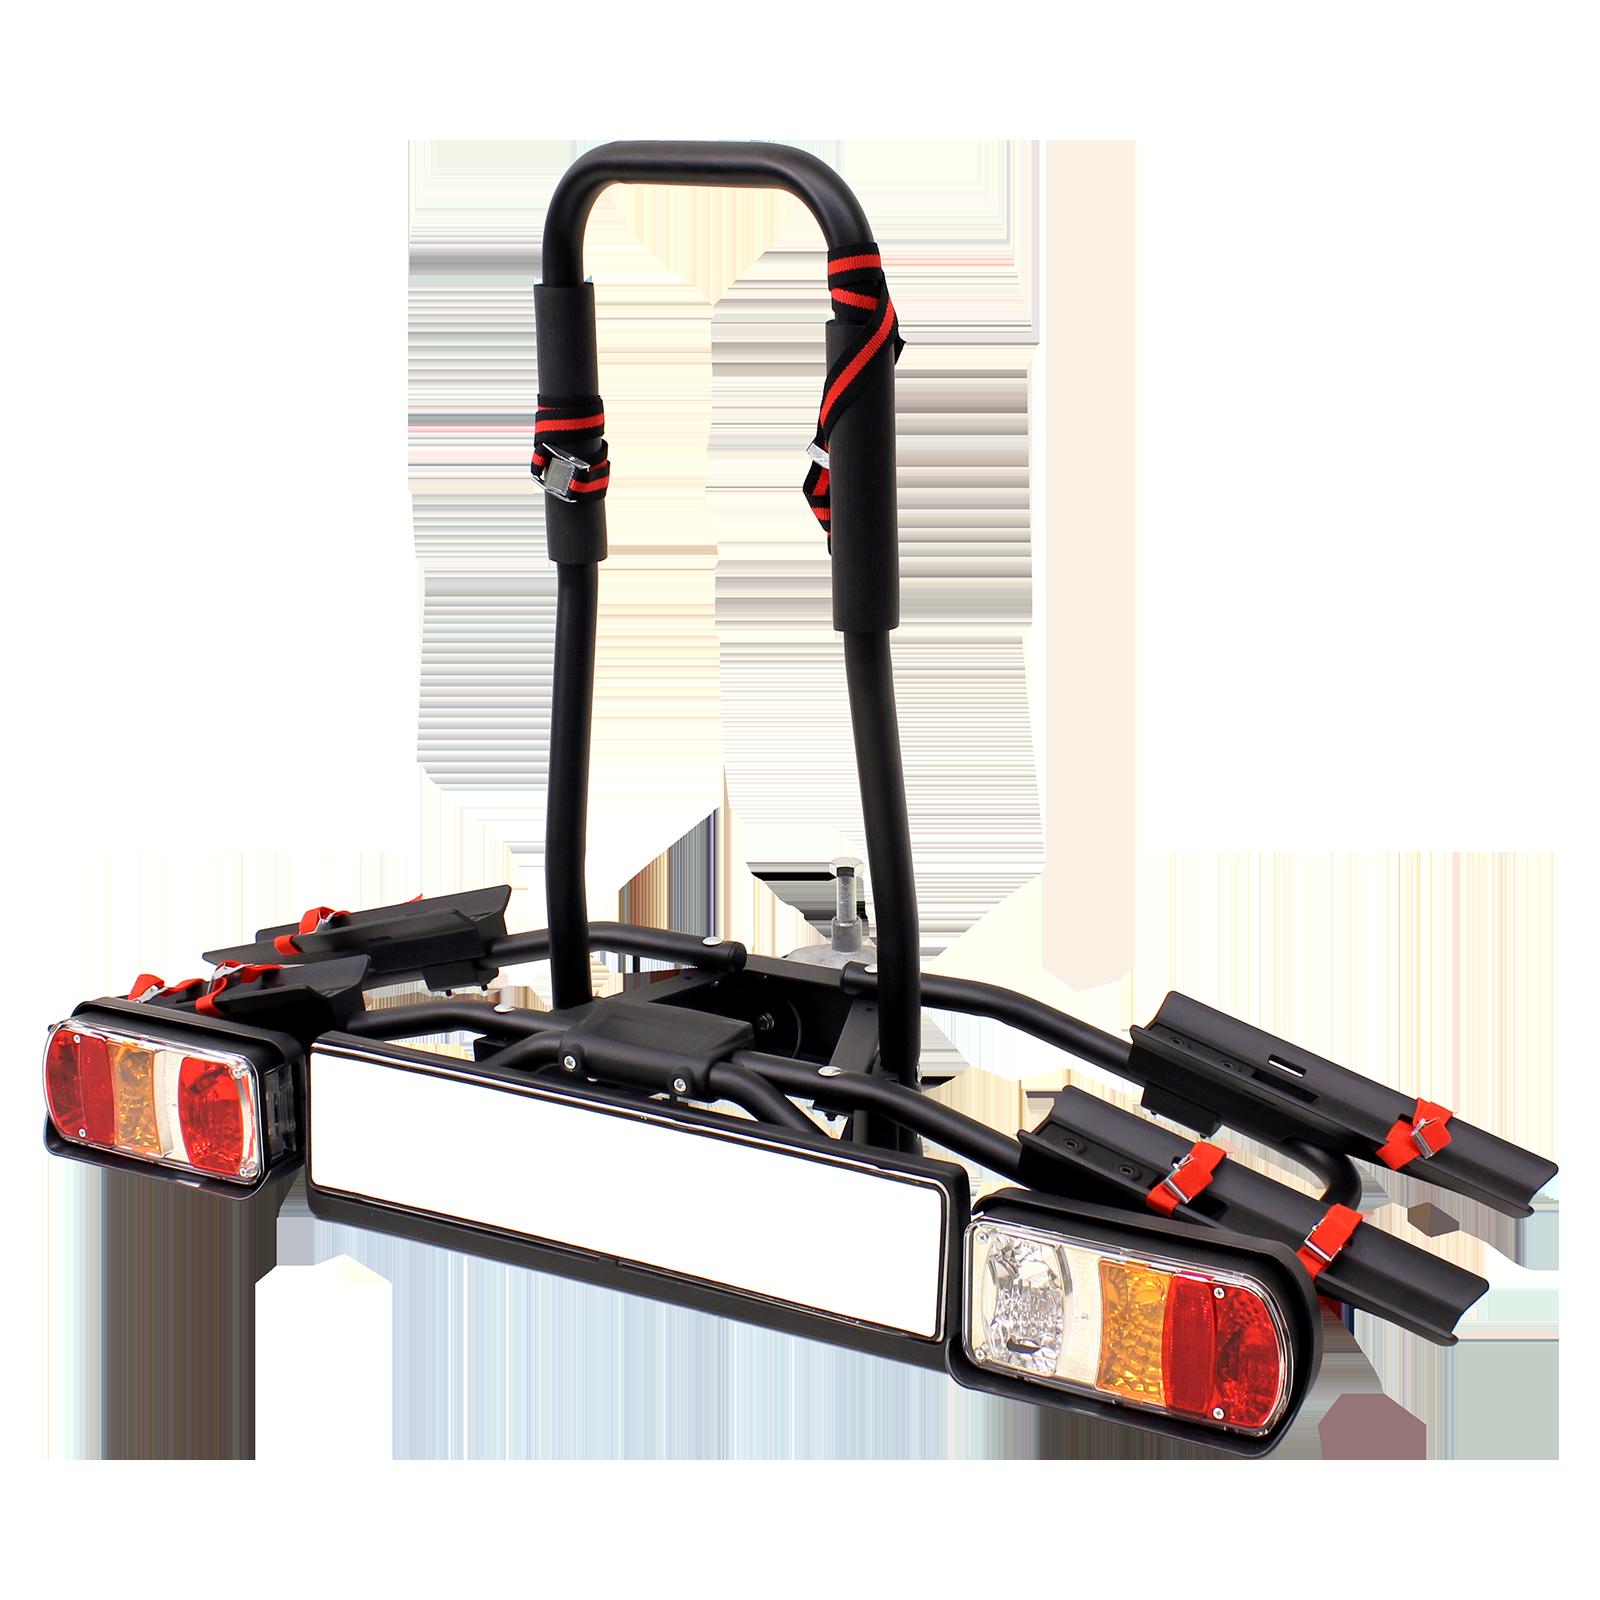 fahrradtr ger naos eco f r 2 fahrr der erweiterbar auf 3 fahrr der montage auf der. Black Bedroom Furniture Sets. Home Design Ideas